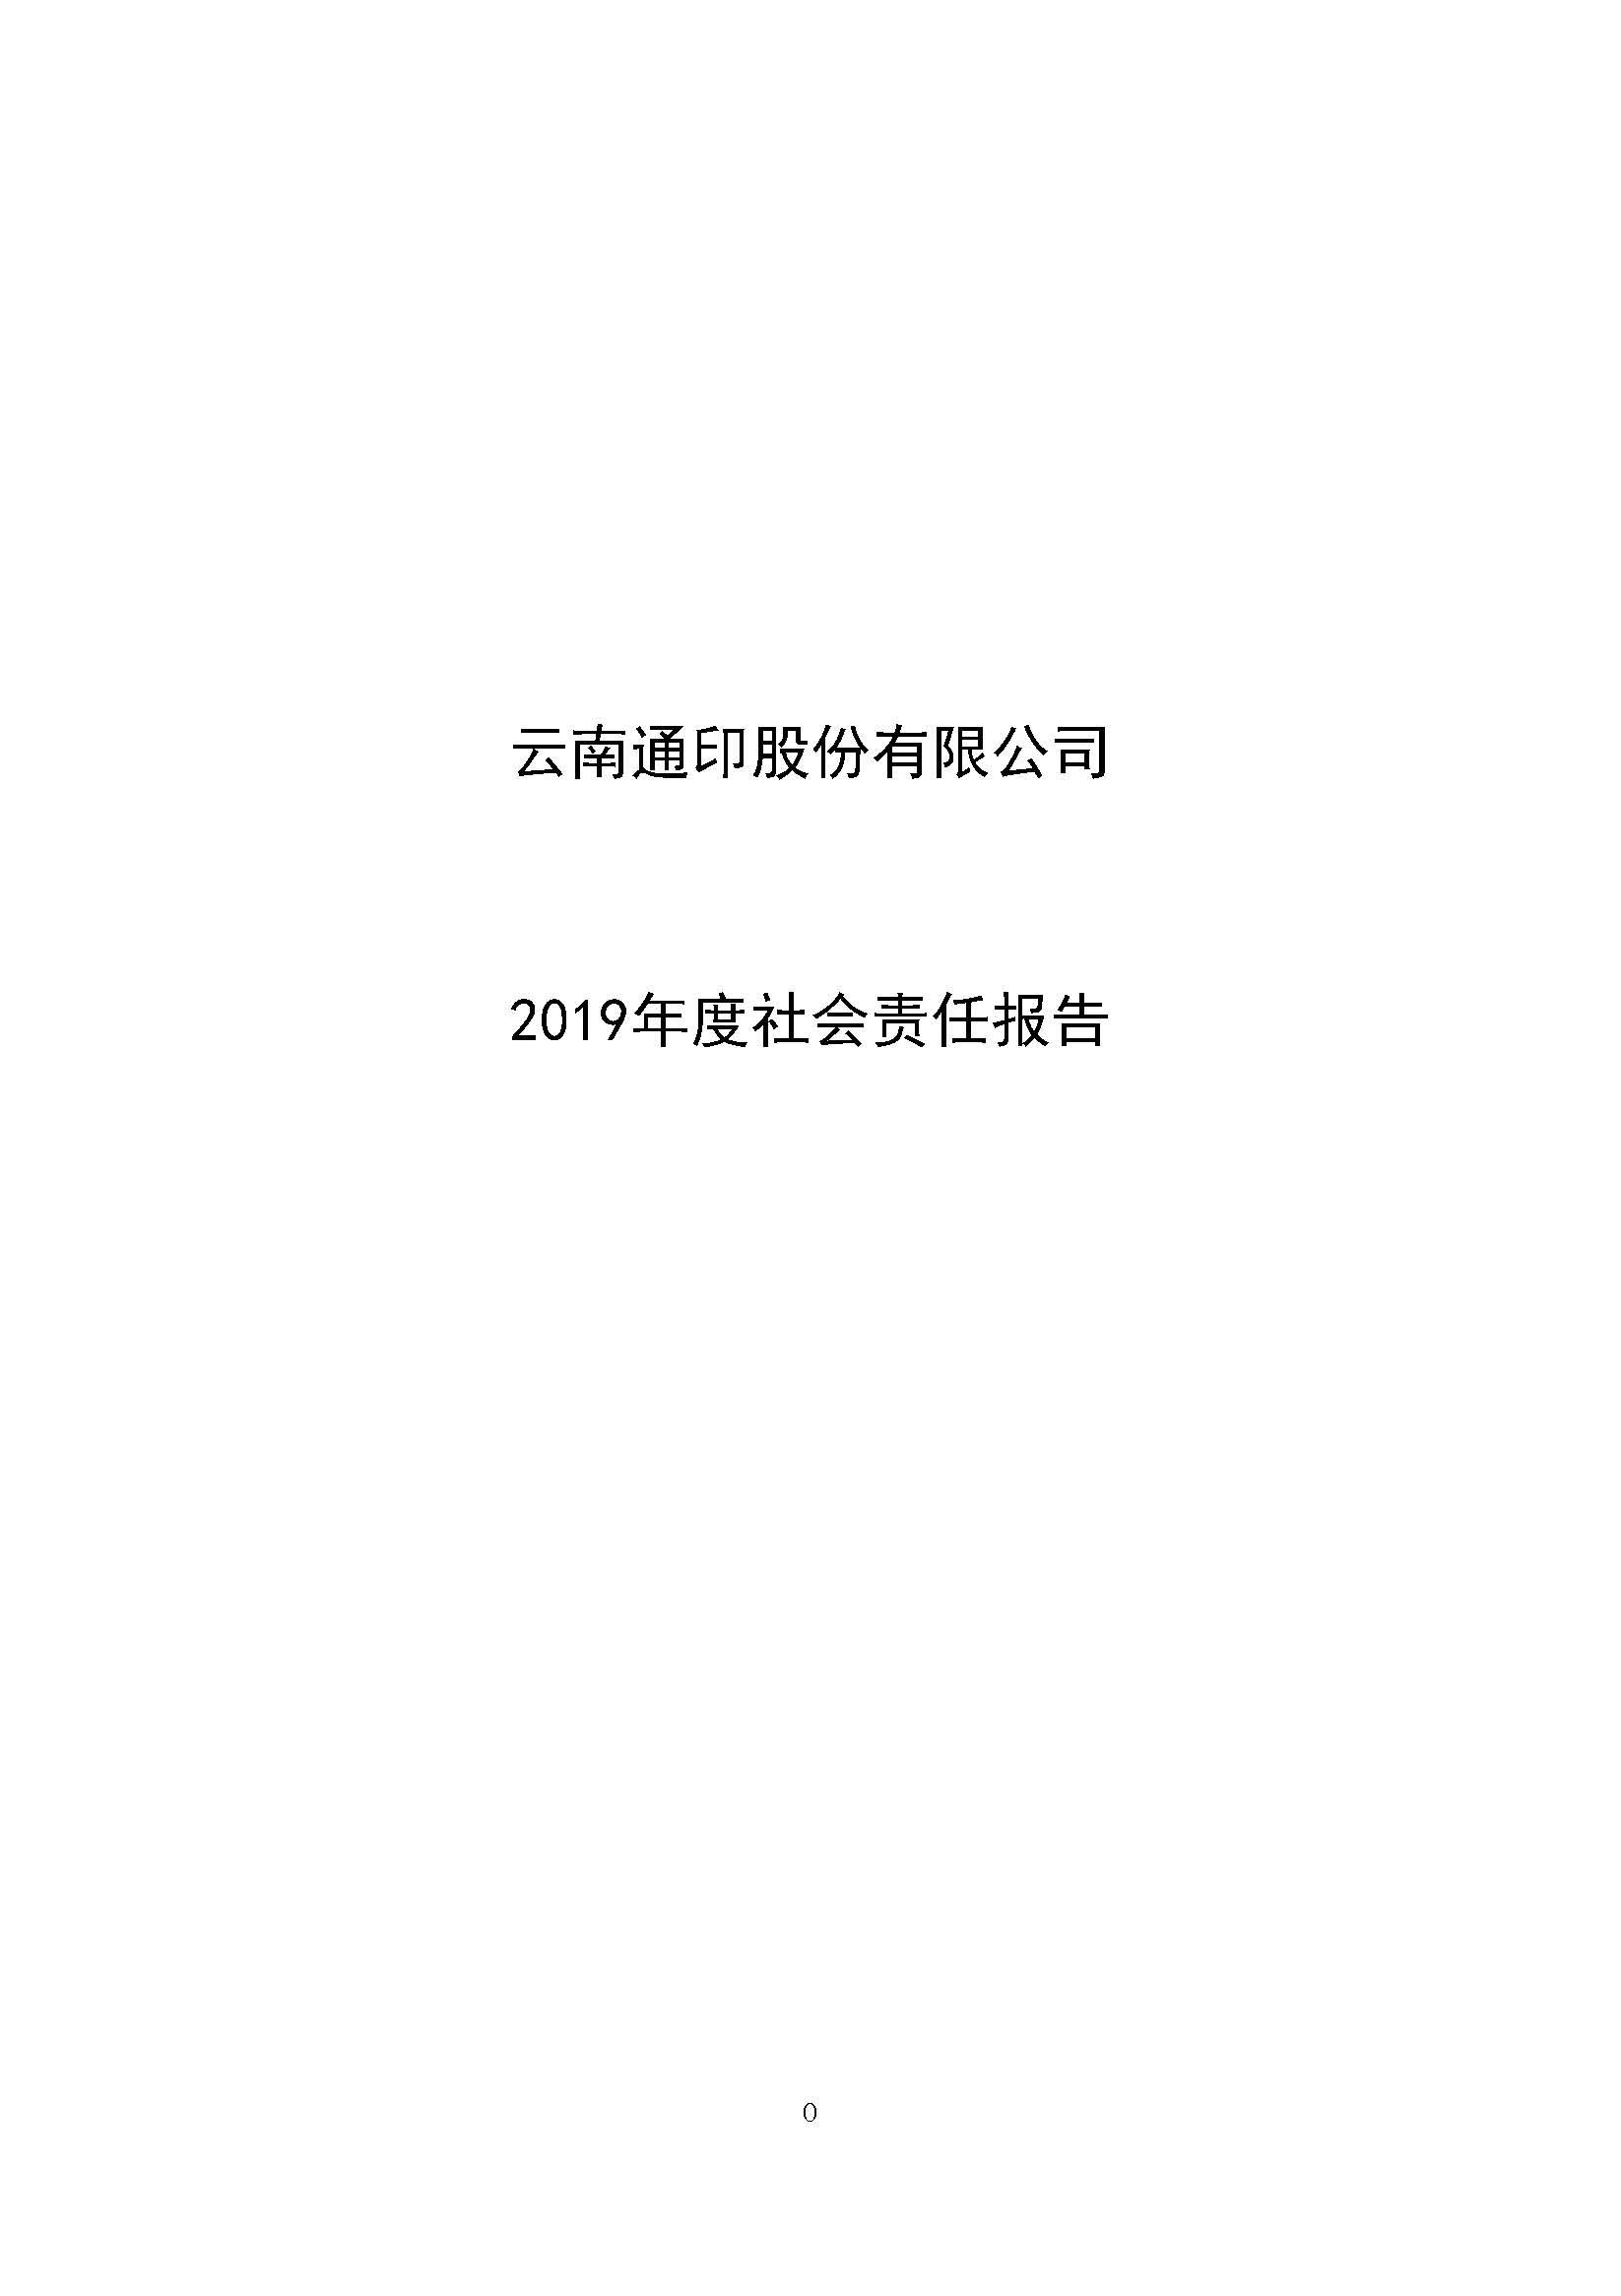 2019年社会责任报告